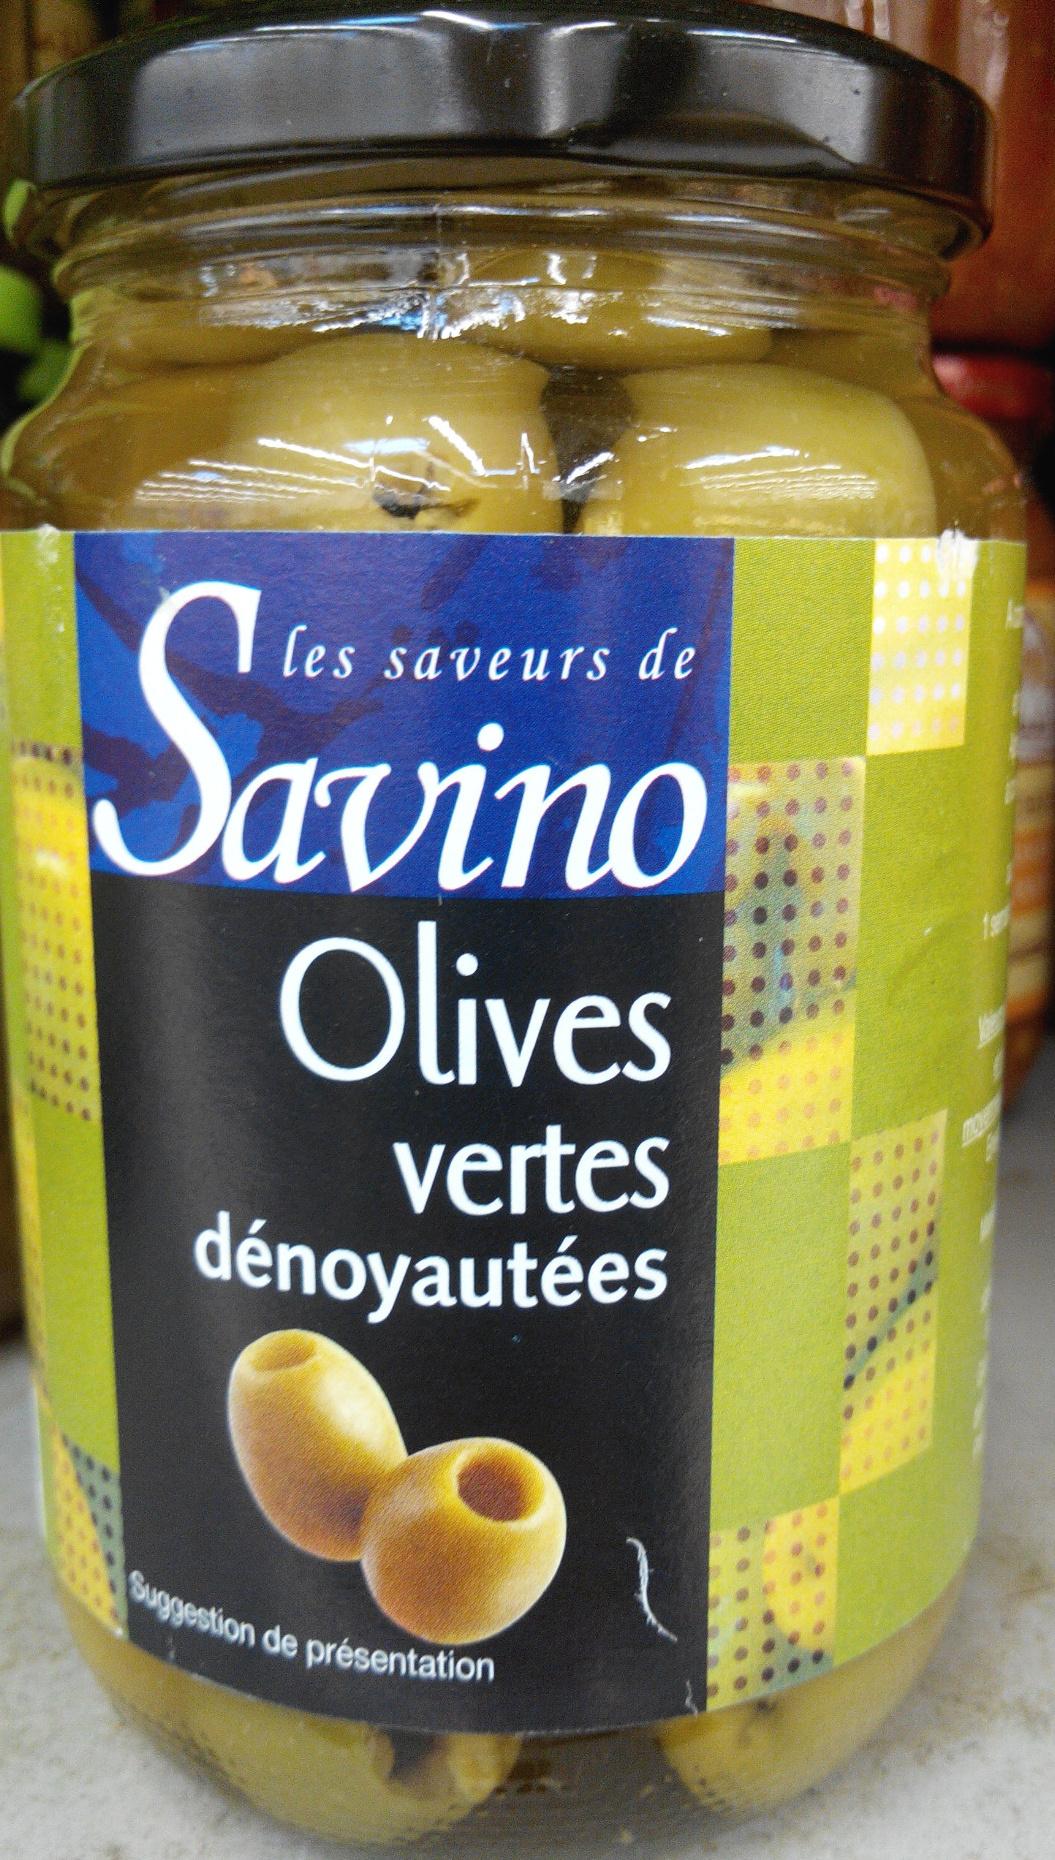 Olives vertes dénoyautées - Produit - fr